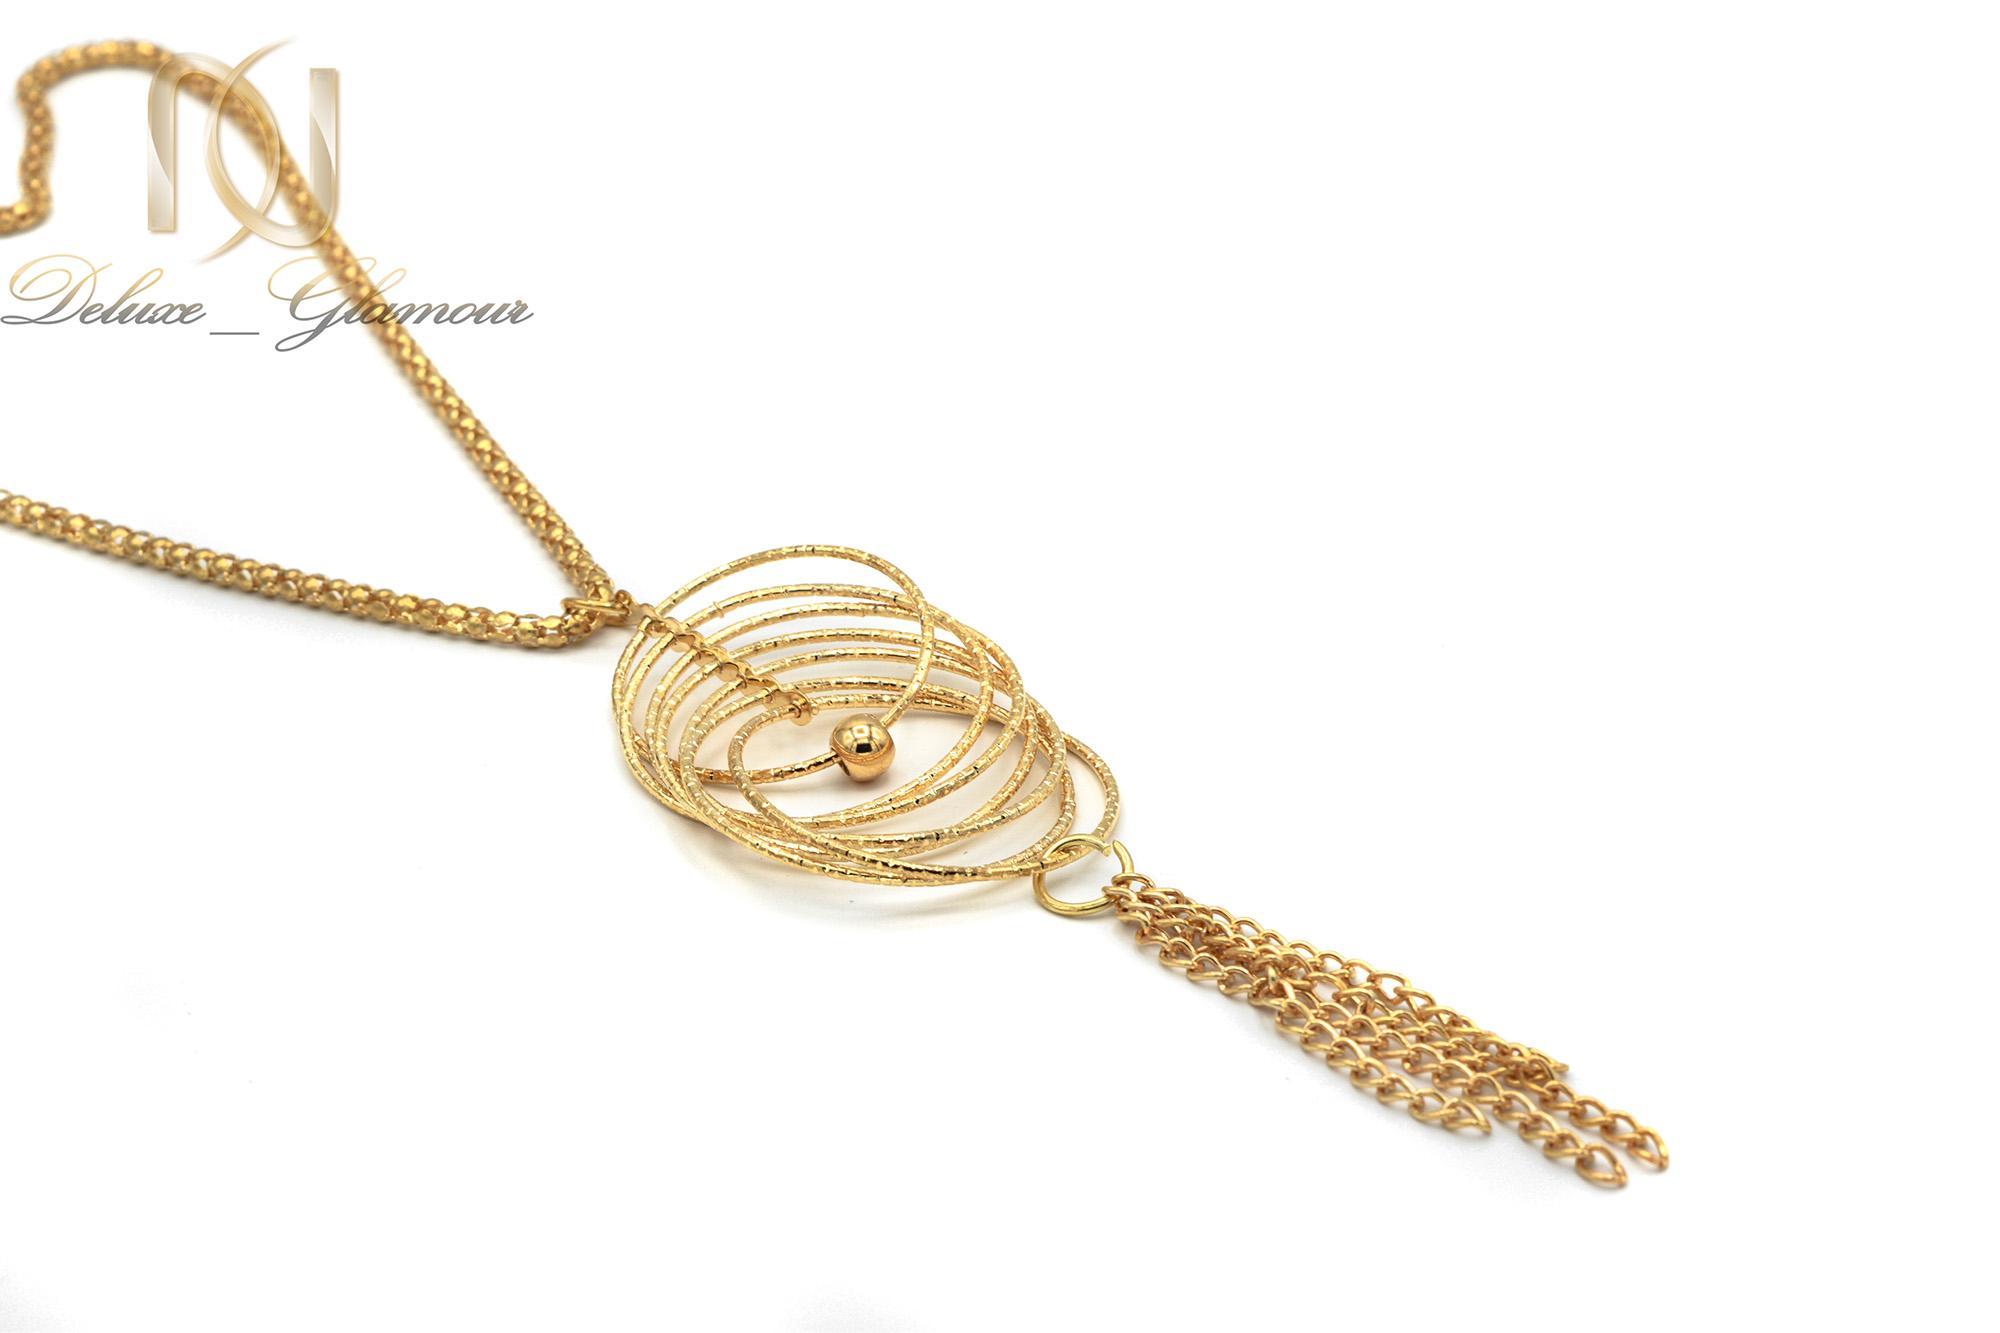 گردنبند رولباسی بلند طرح طلا nw-n442 از نماي سفيد